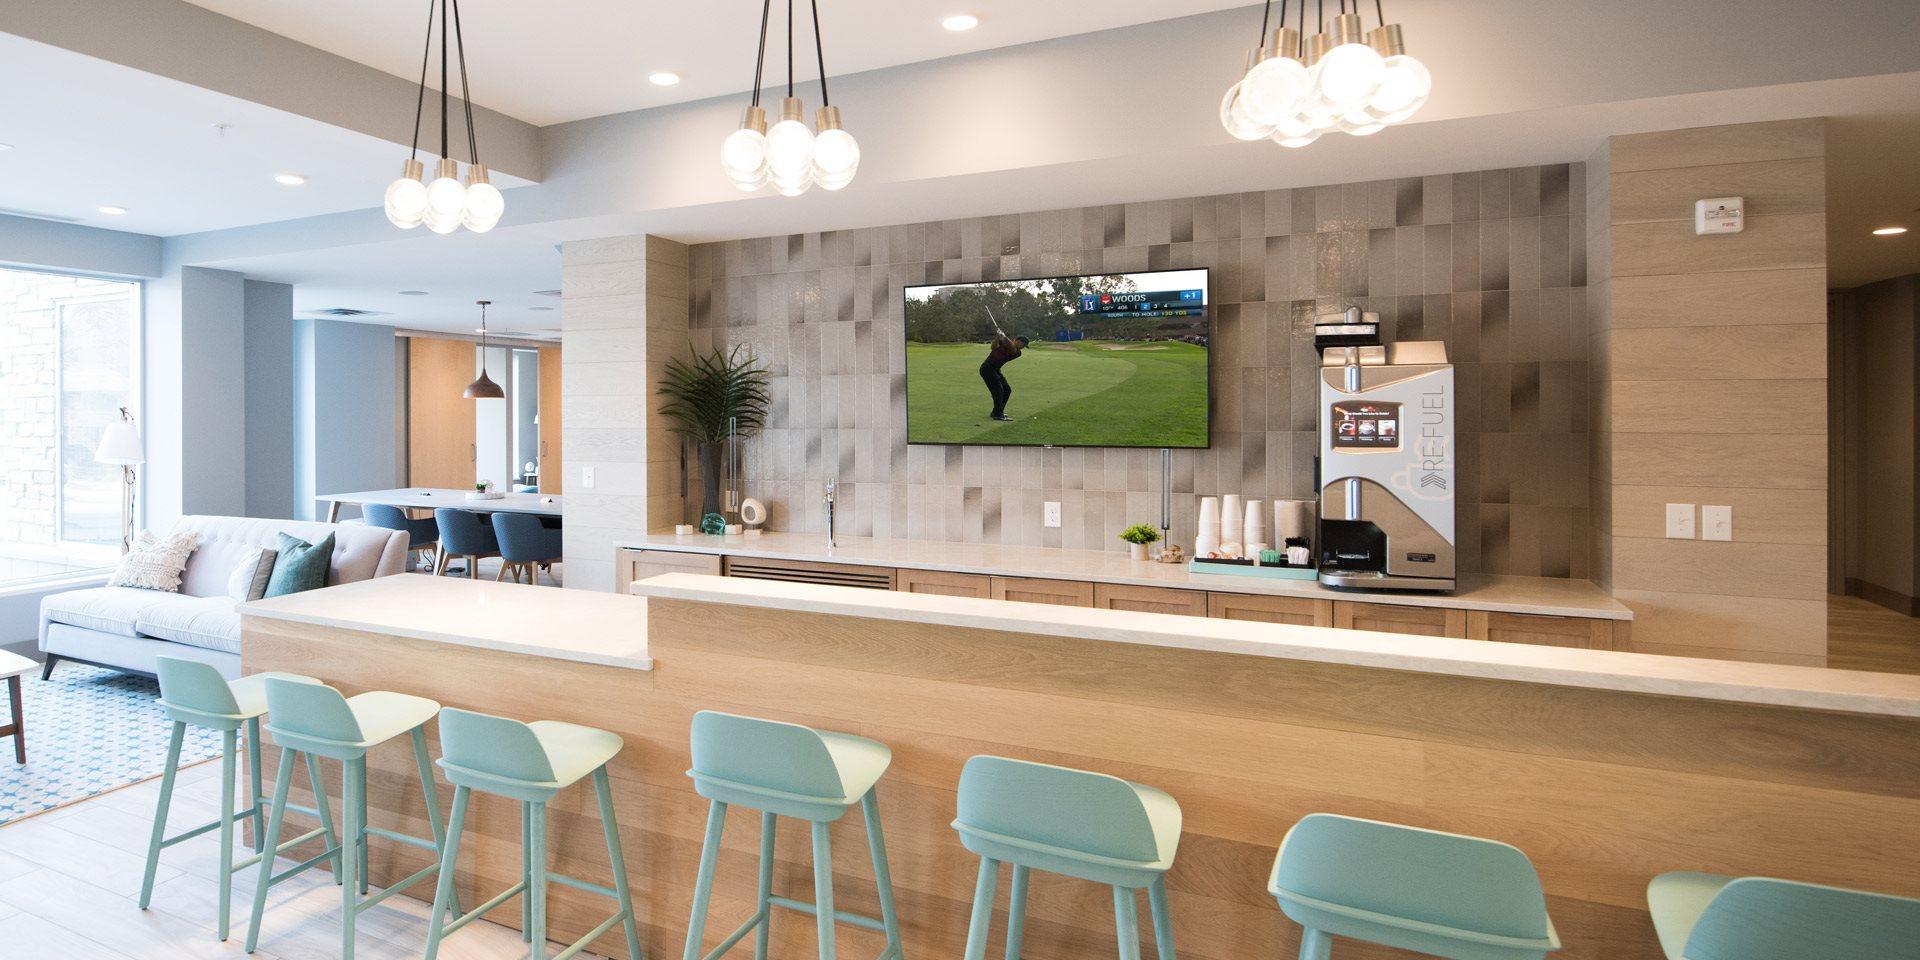 Talo Apartments Lounge & Coffee Area